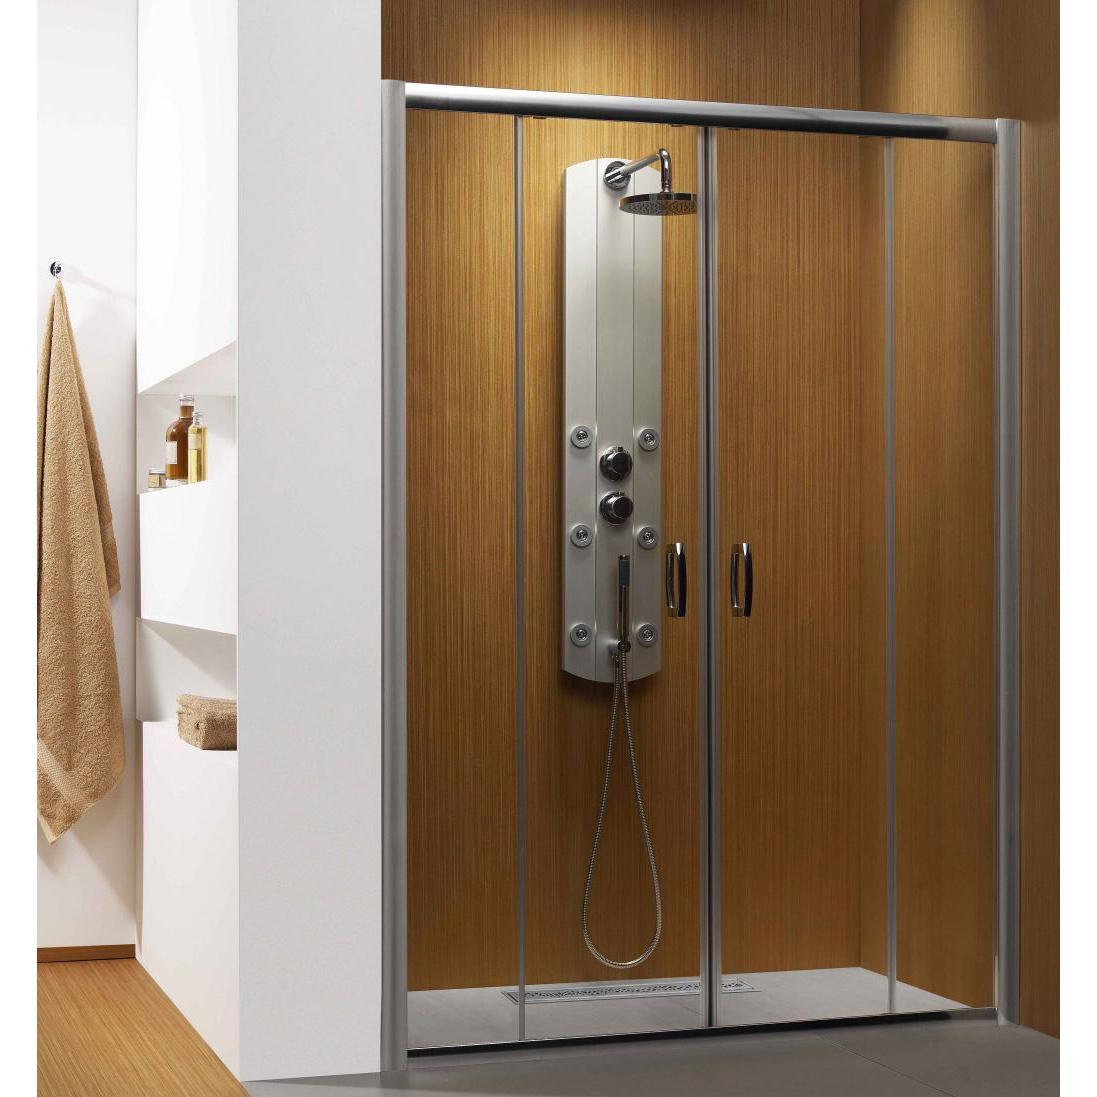 Душевая дверь Radaway Premium Plus DWD 140 хром/коричневое кухонный стол кубика портофино 2 рис 1 ноги хром стекло темно коричневое венге